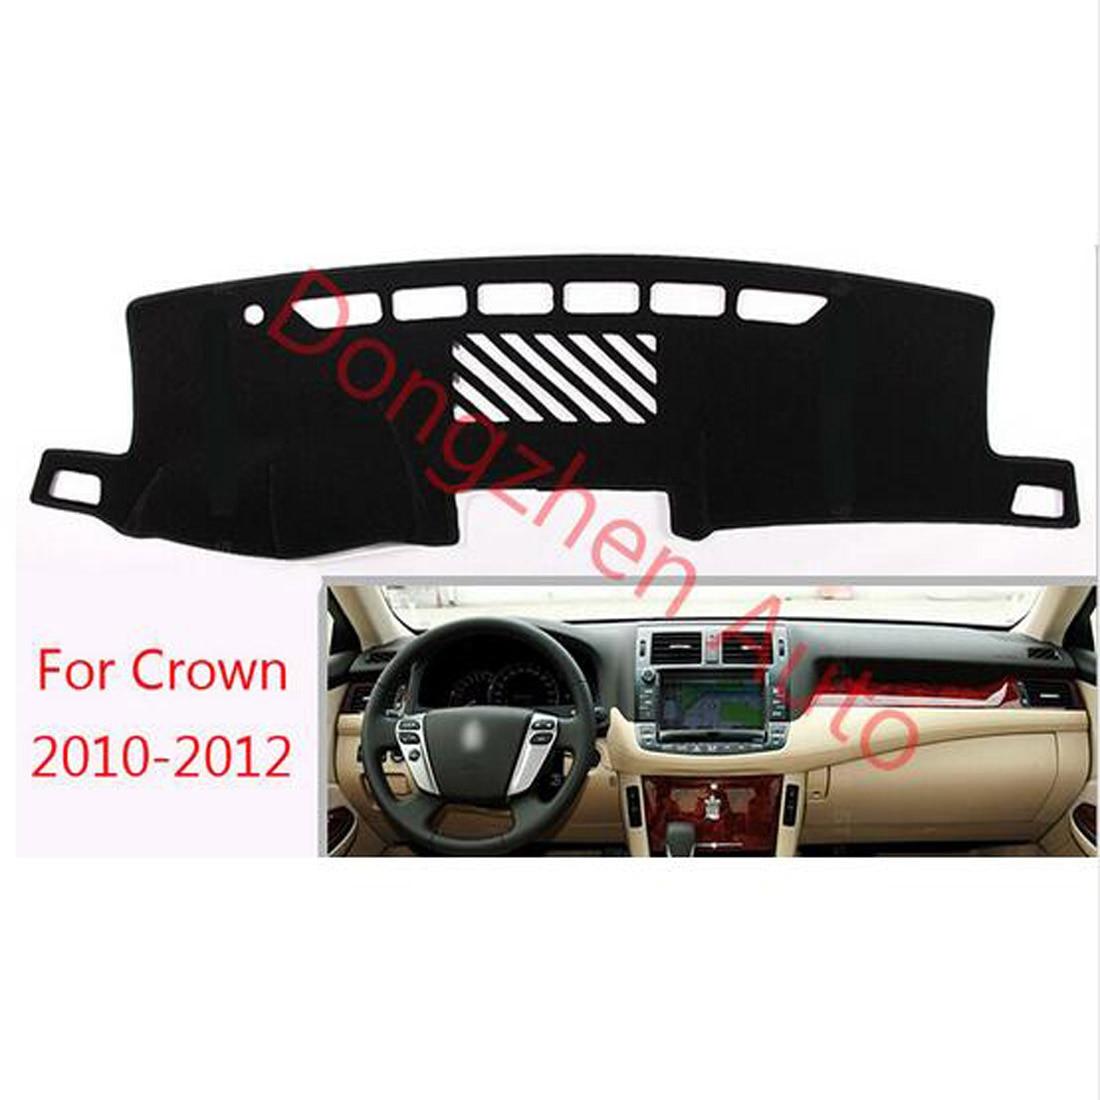 Rhd Kanan Drive Mobil Dashboard Hindari Cahaya Pad Karpet Rumah Panda 180 X 250 Ungu Instrumen Penutup Meja Platform Tikar Untuk Toyoya Mahkota 2010 2012